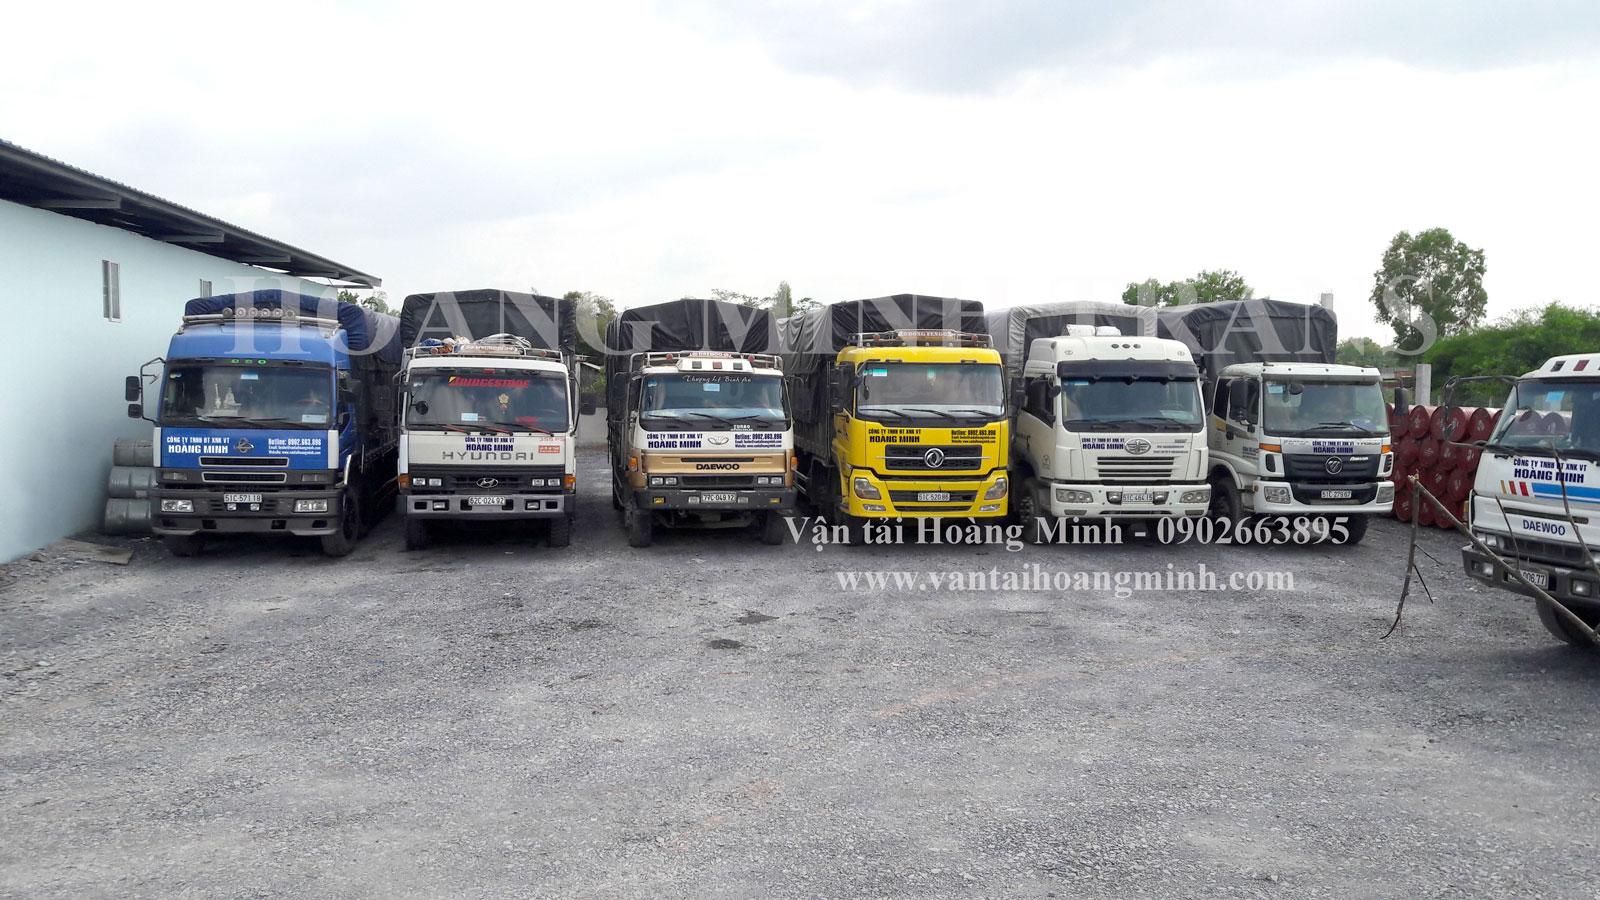 Cho thuê xe chở hàng từ 1 đến 34 tấn